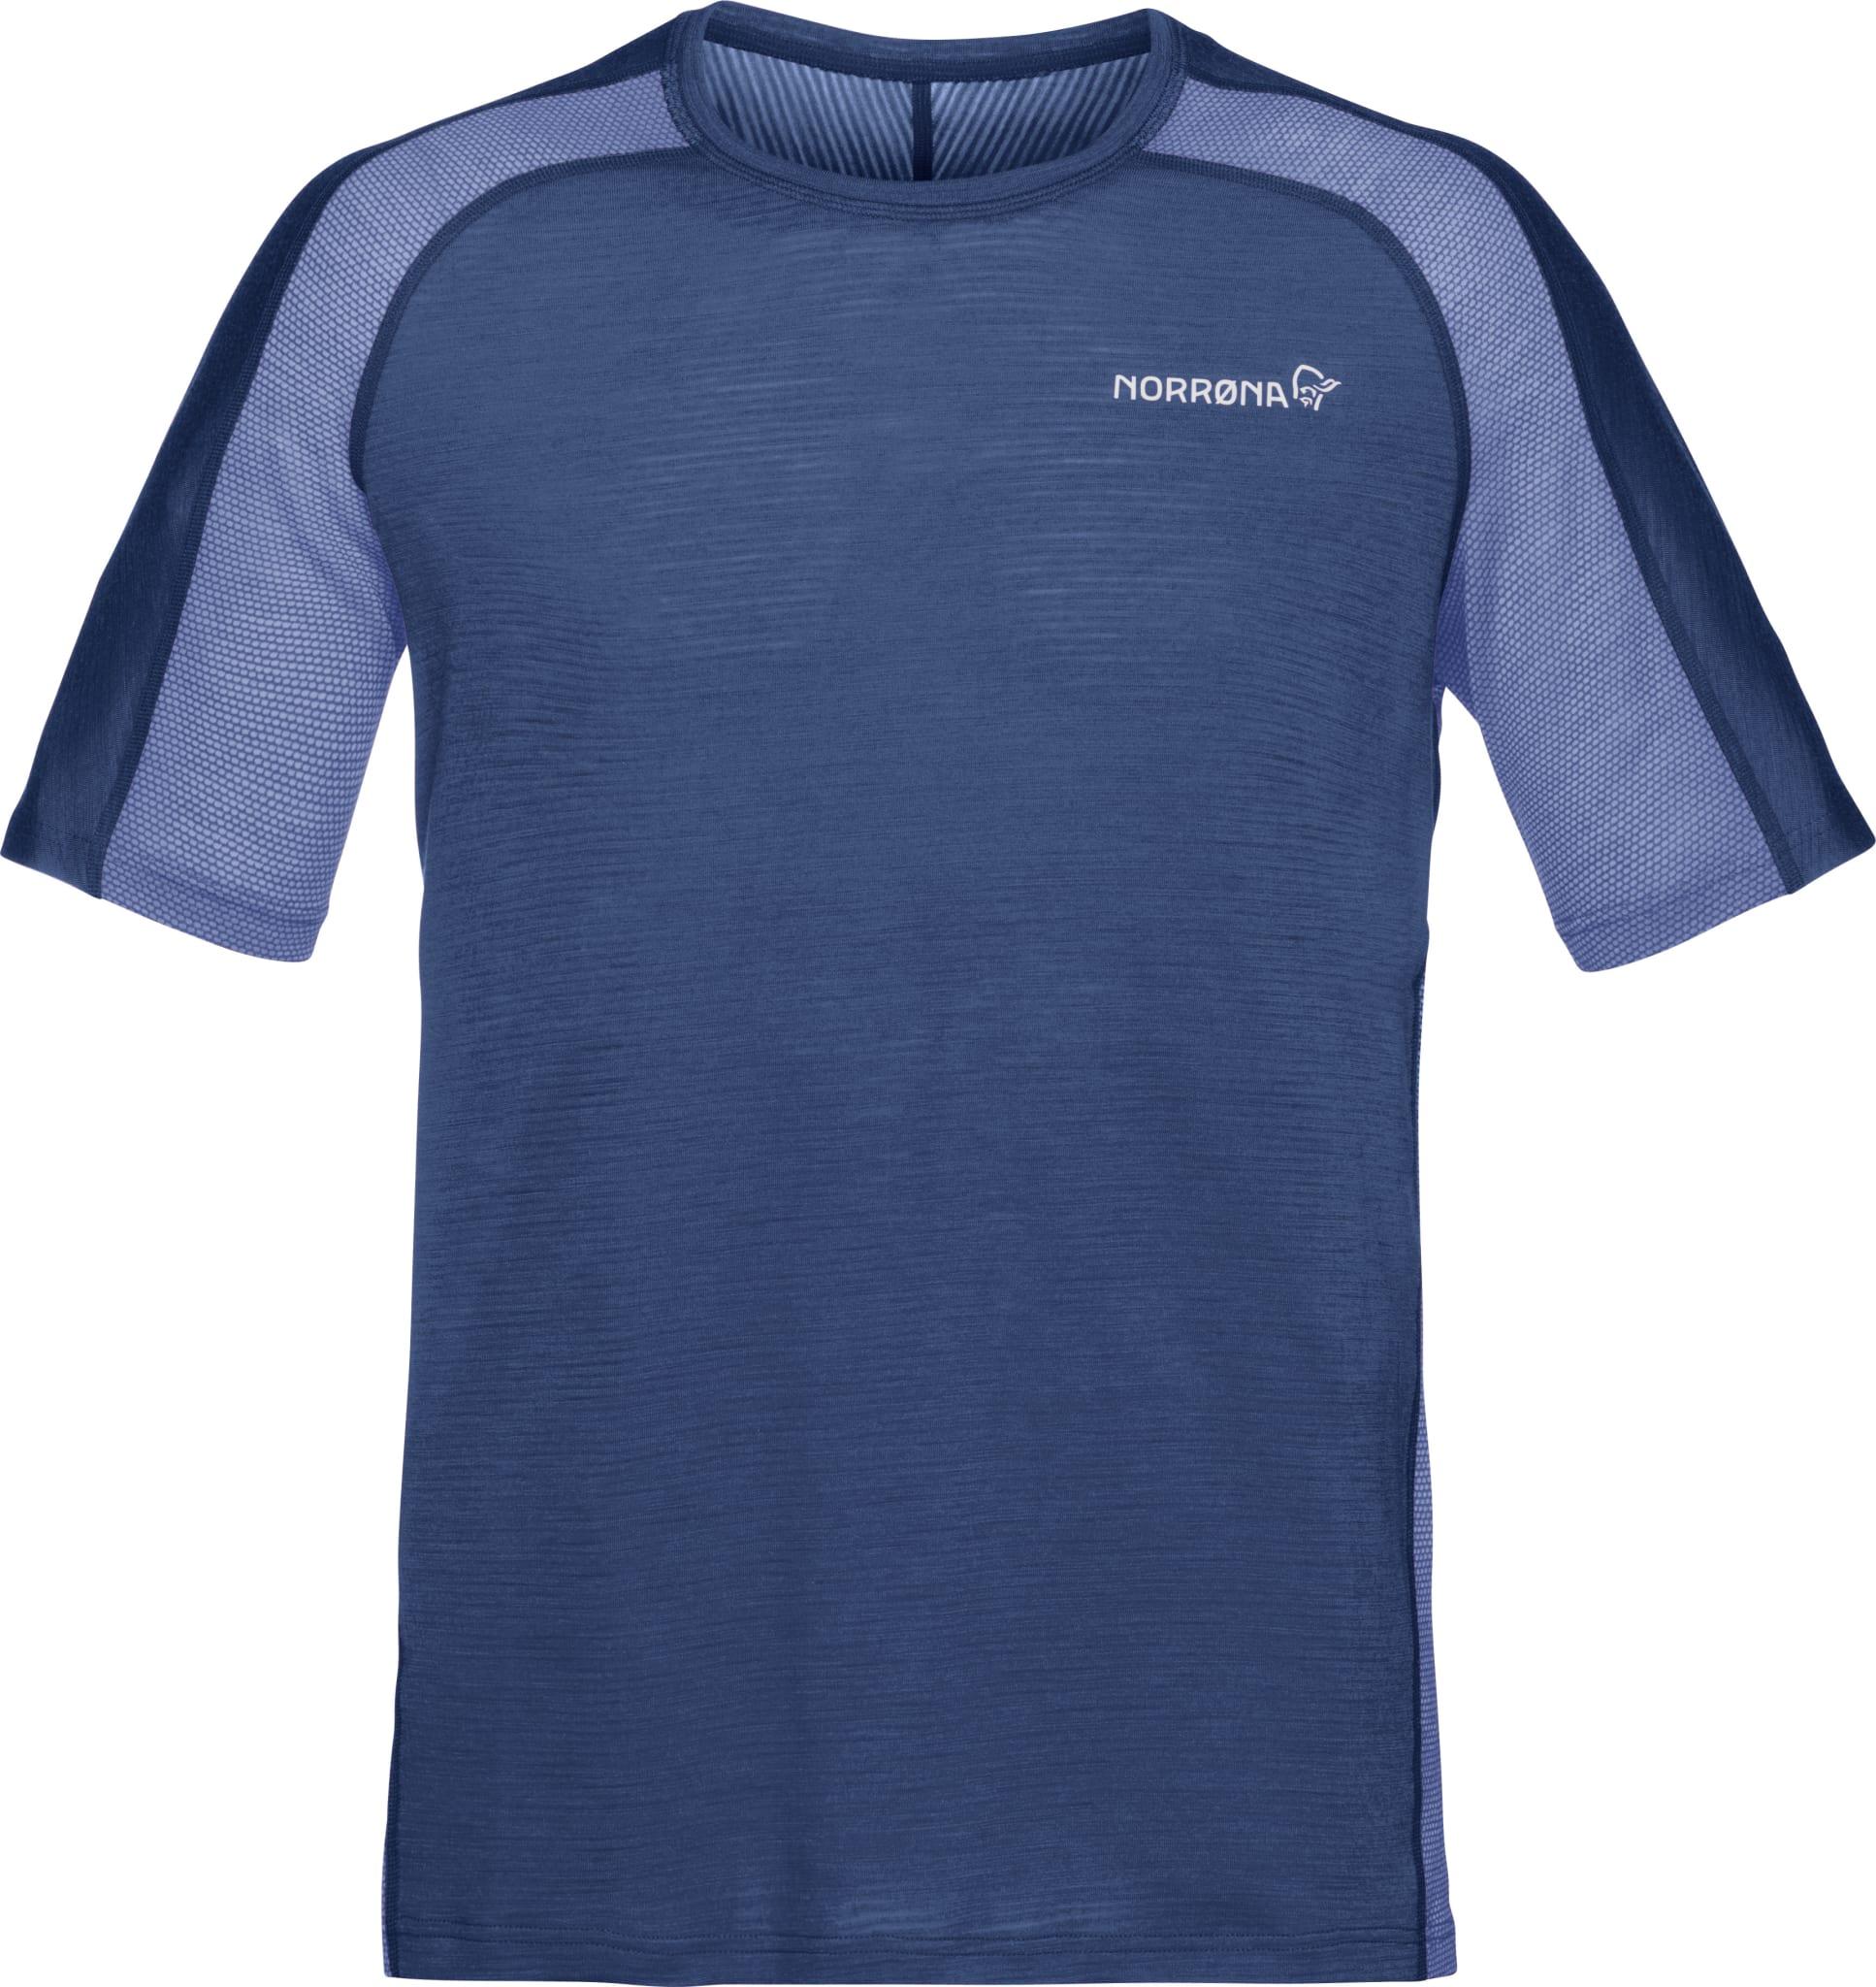 8d0a5c3e Bitihorn Wool T-Shirt M